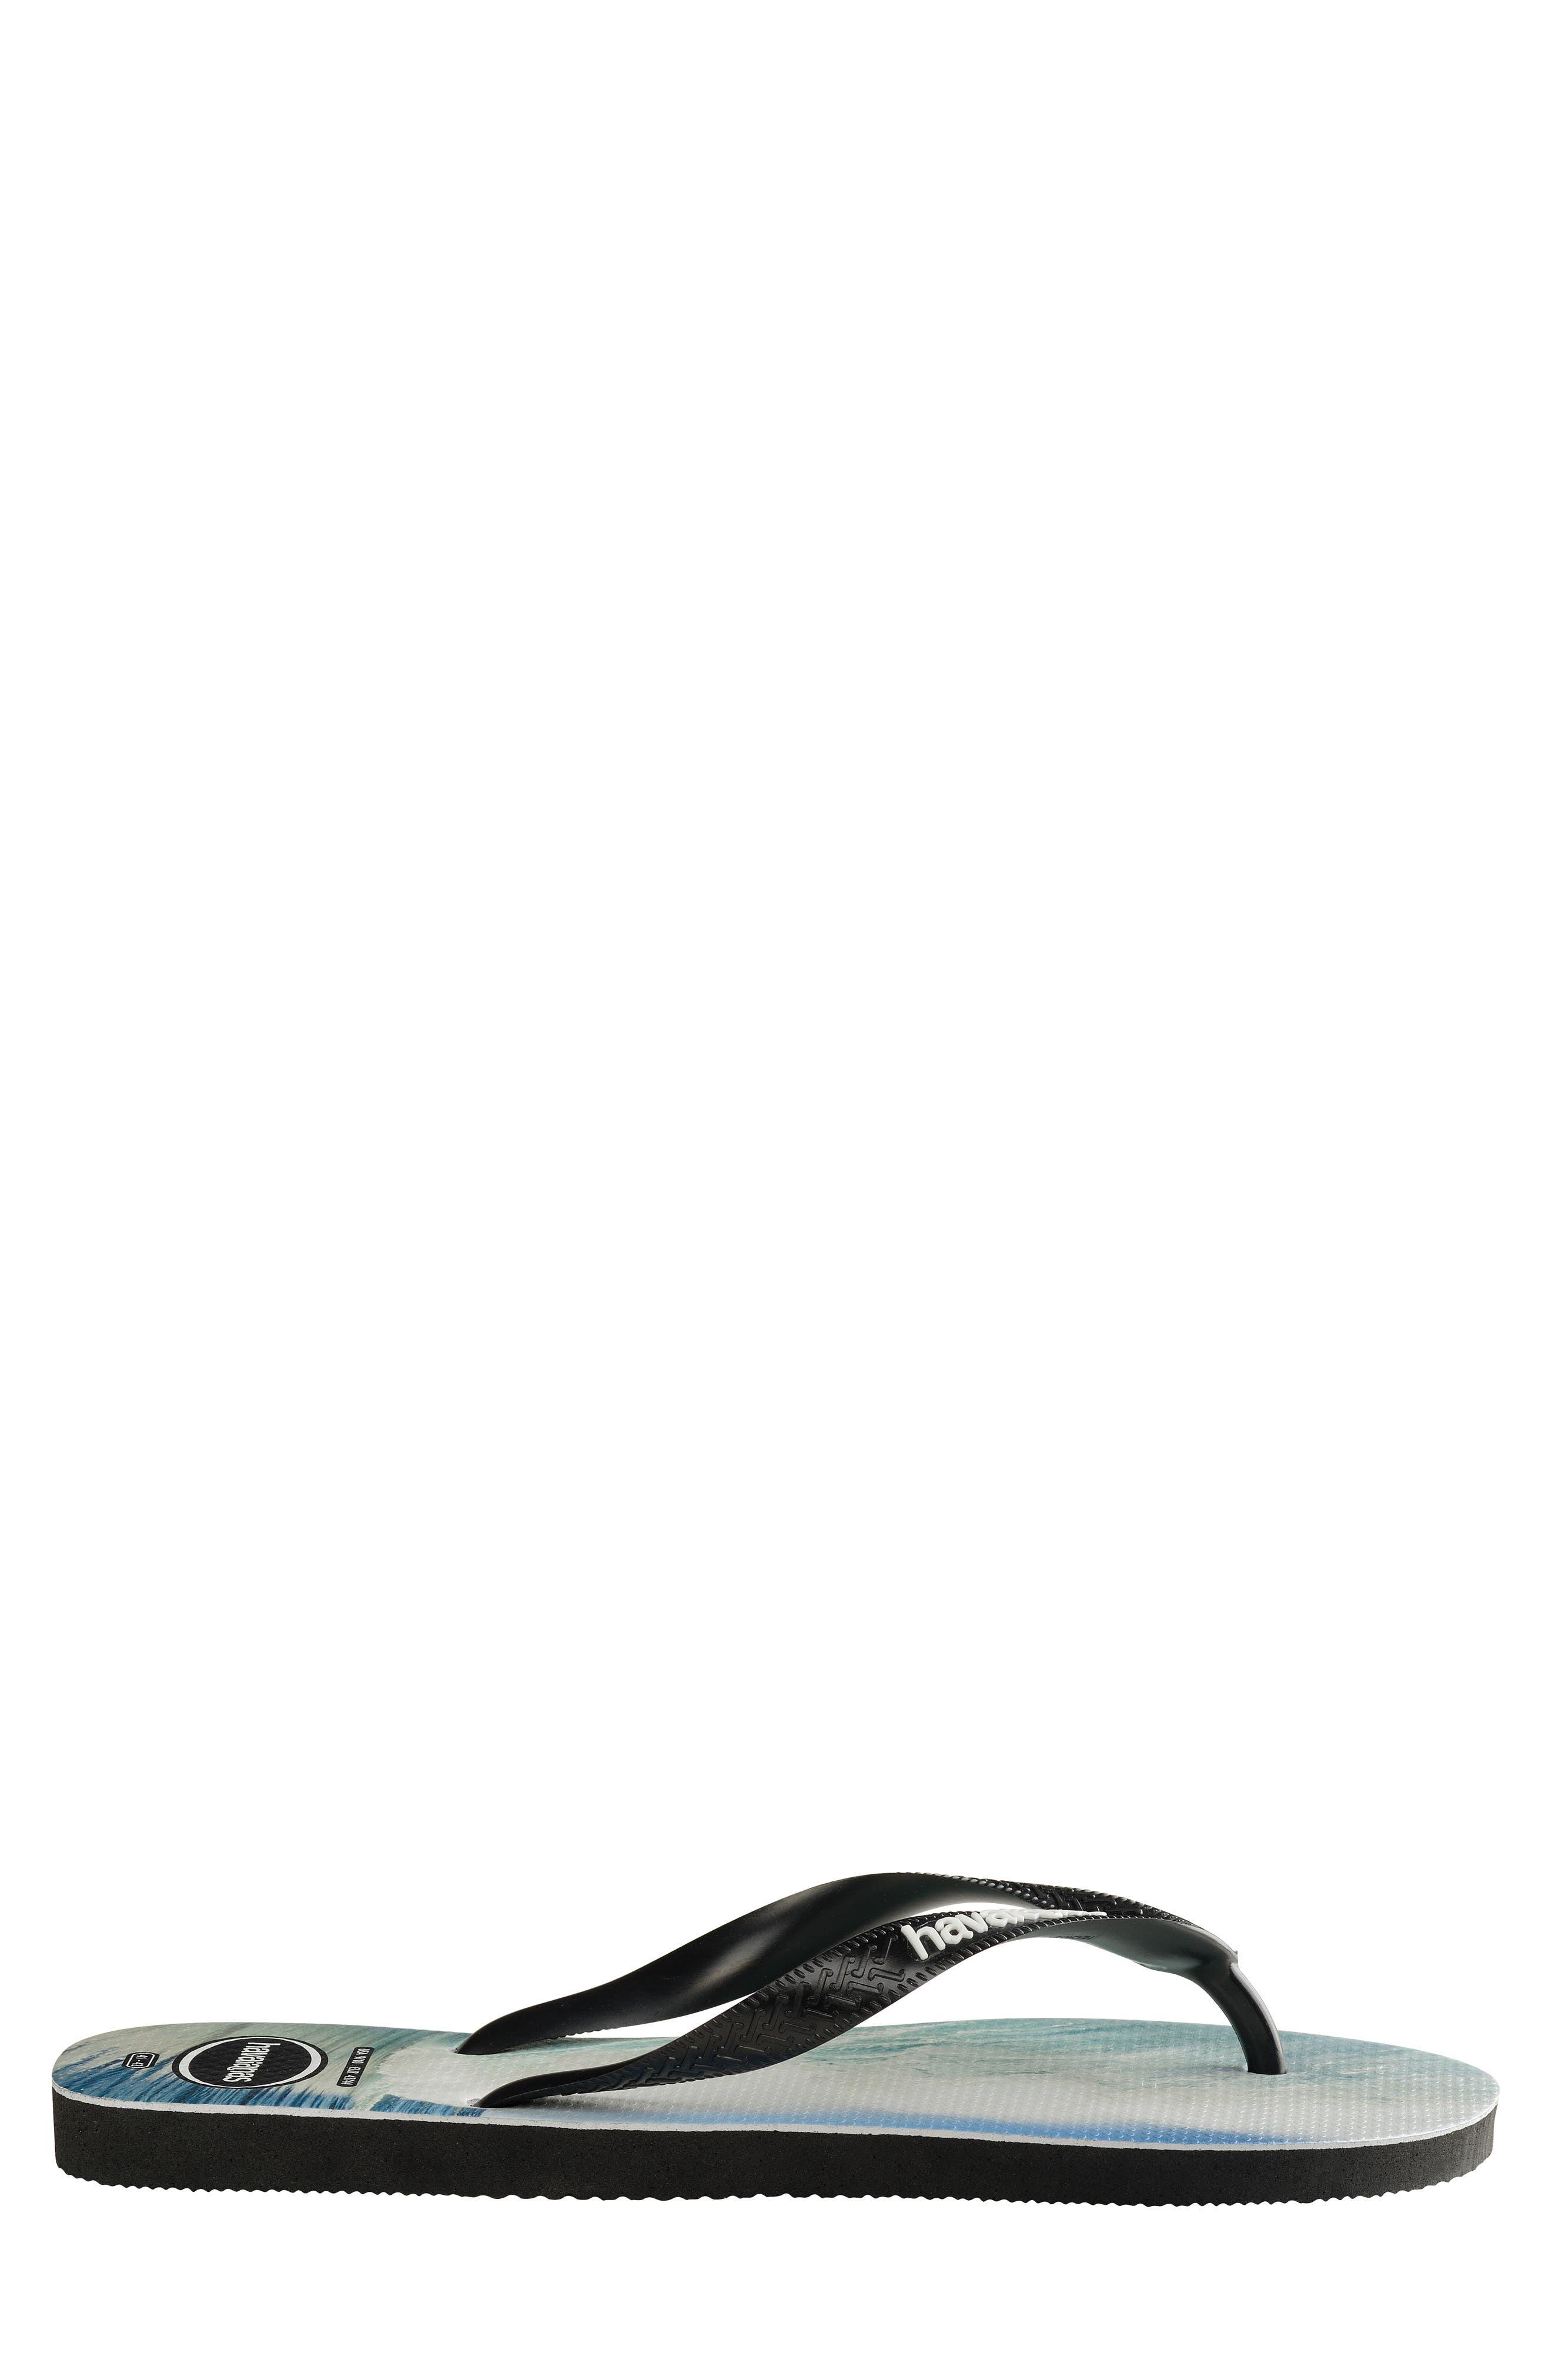 HAVAIANAS,                             Top Photo Print Flip Flop,                             Alternate thumbnail 3, color,                             BLACK/ BLACK/ BLUE